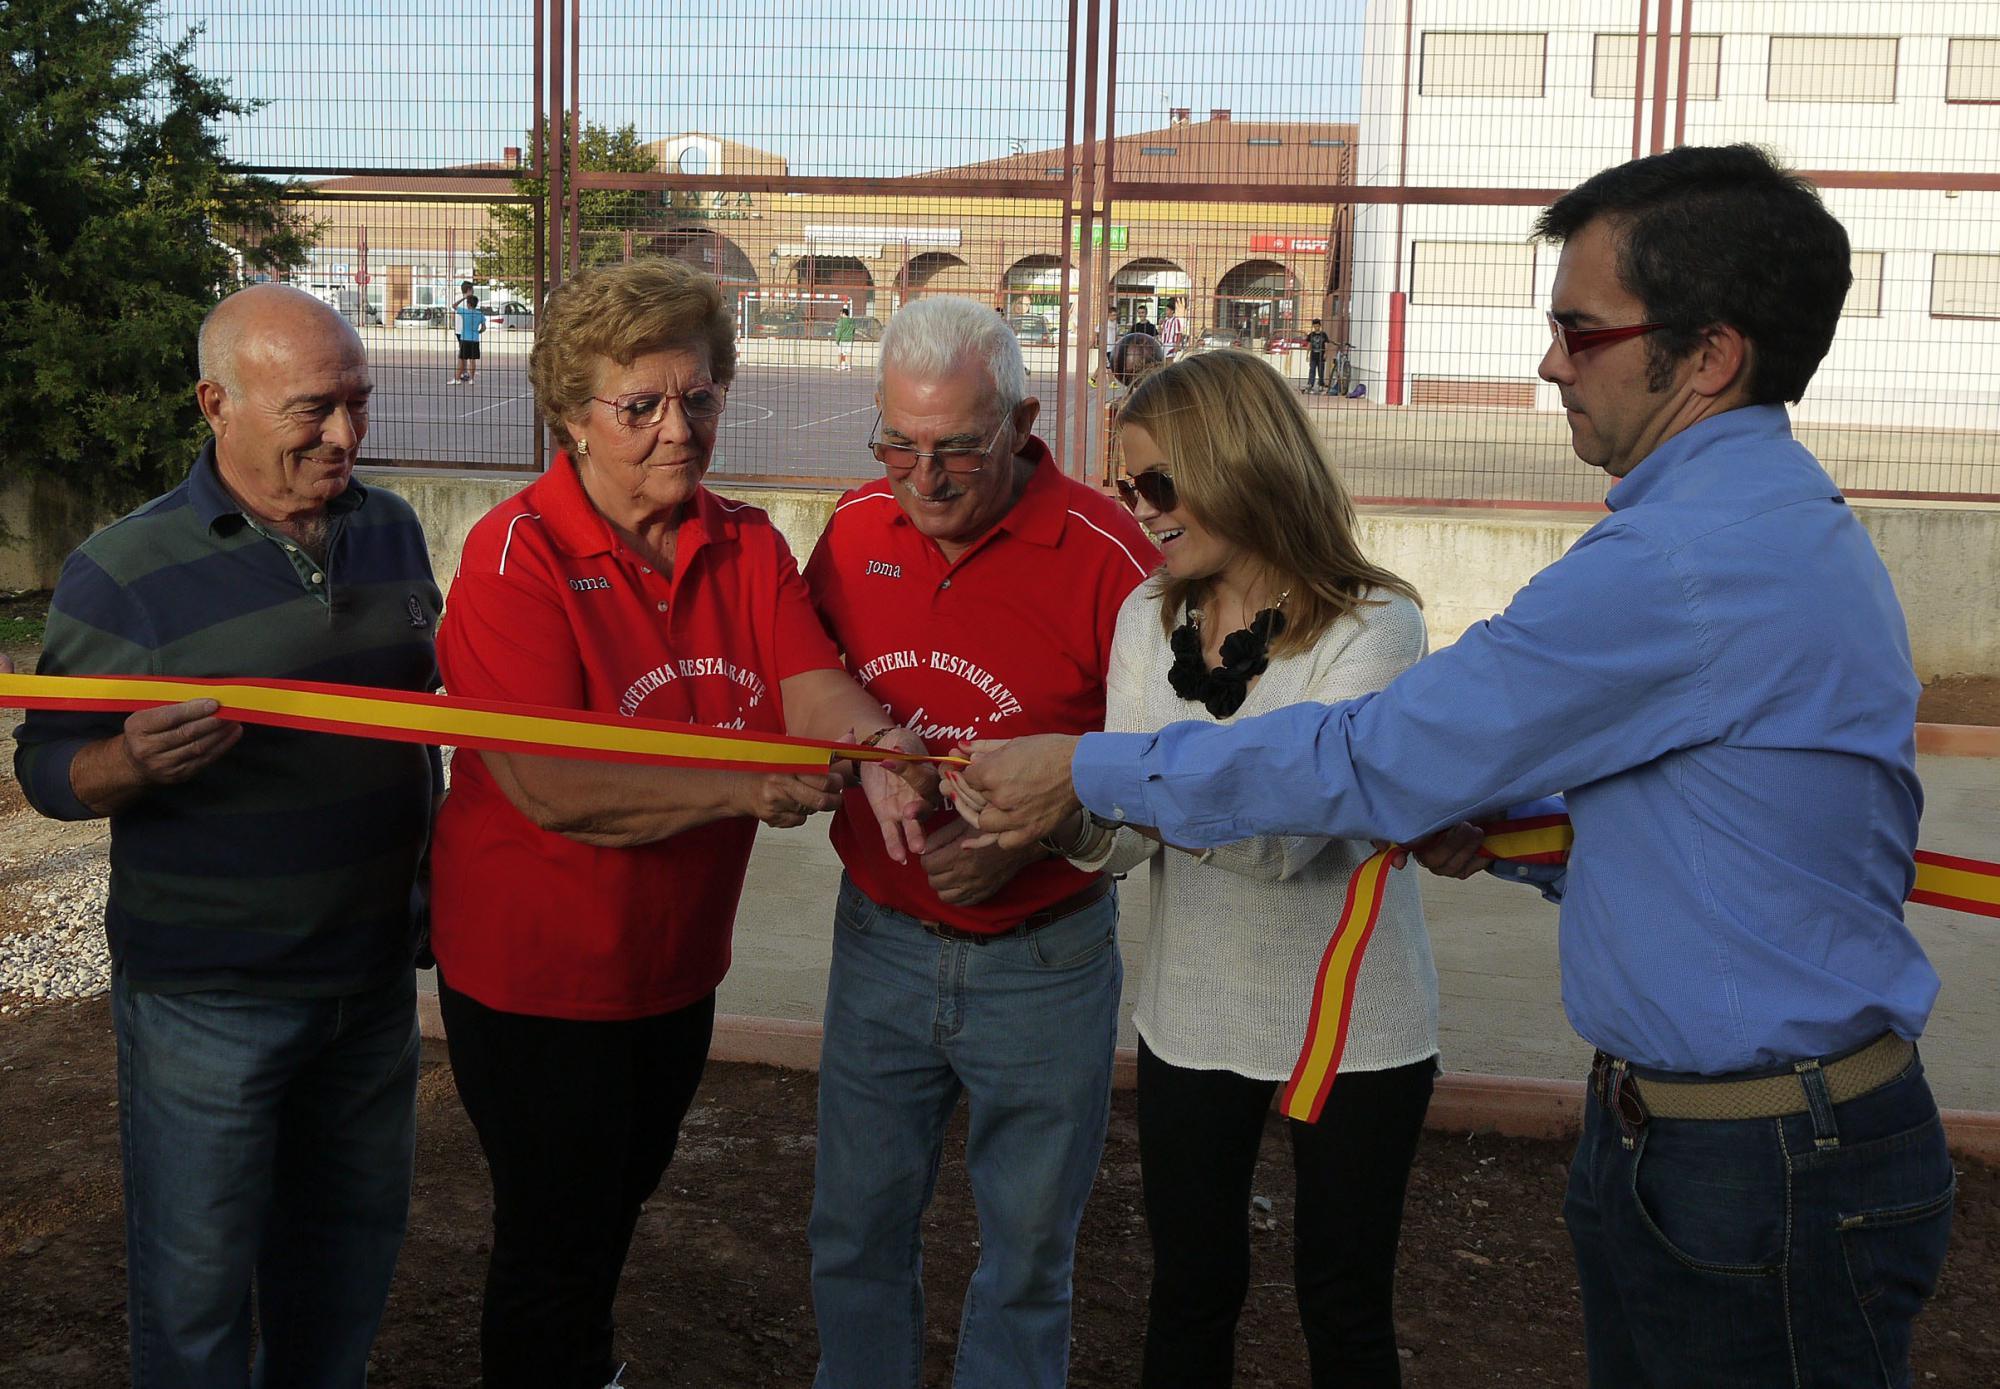 Tres nuevas pistas de petanca para Villanueva de la Torre inauguradas en el marco de la Semana del Mayor